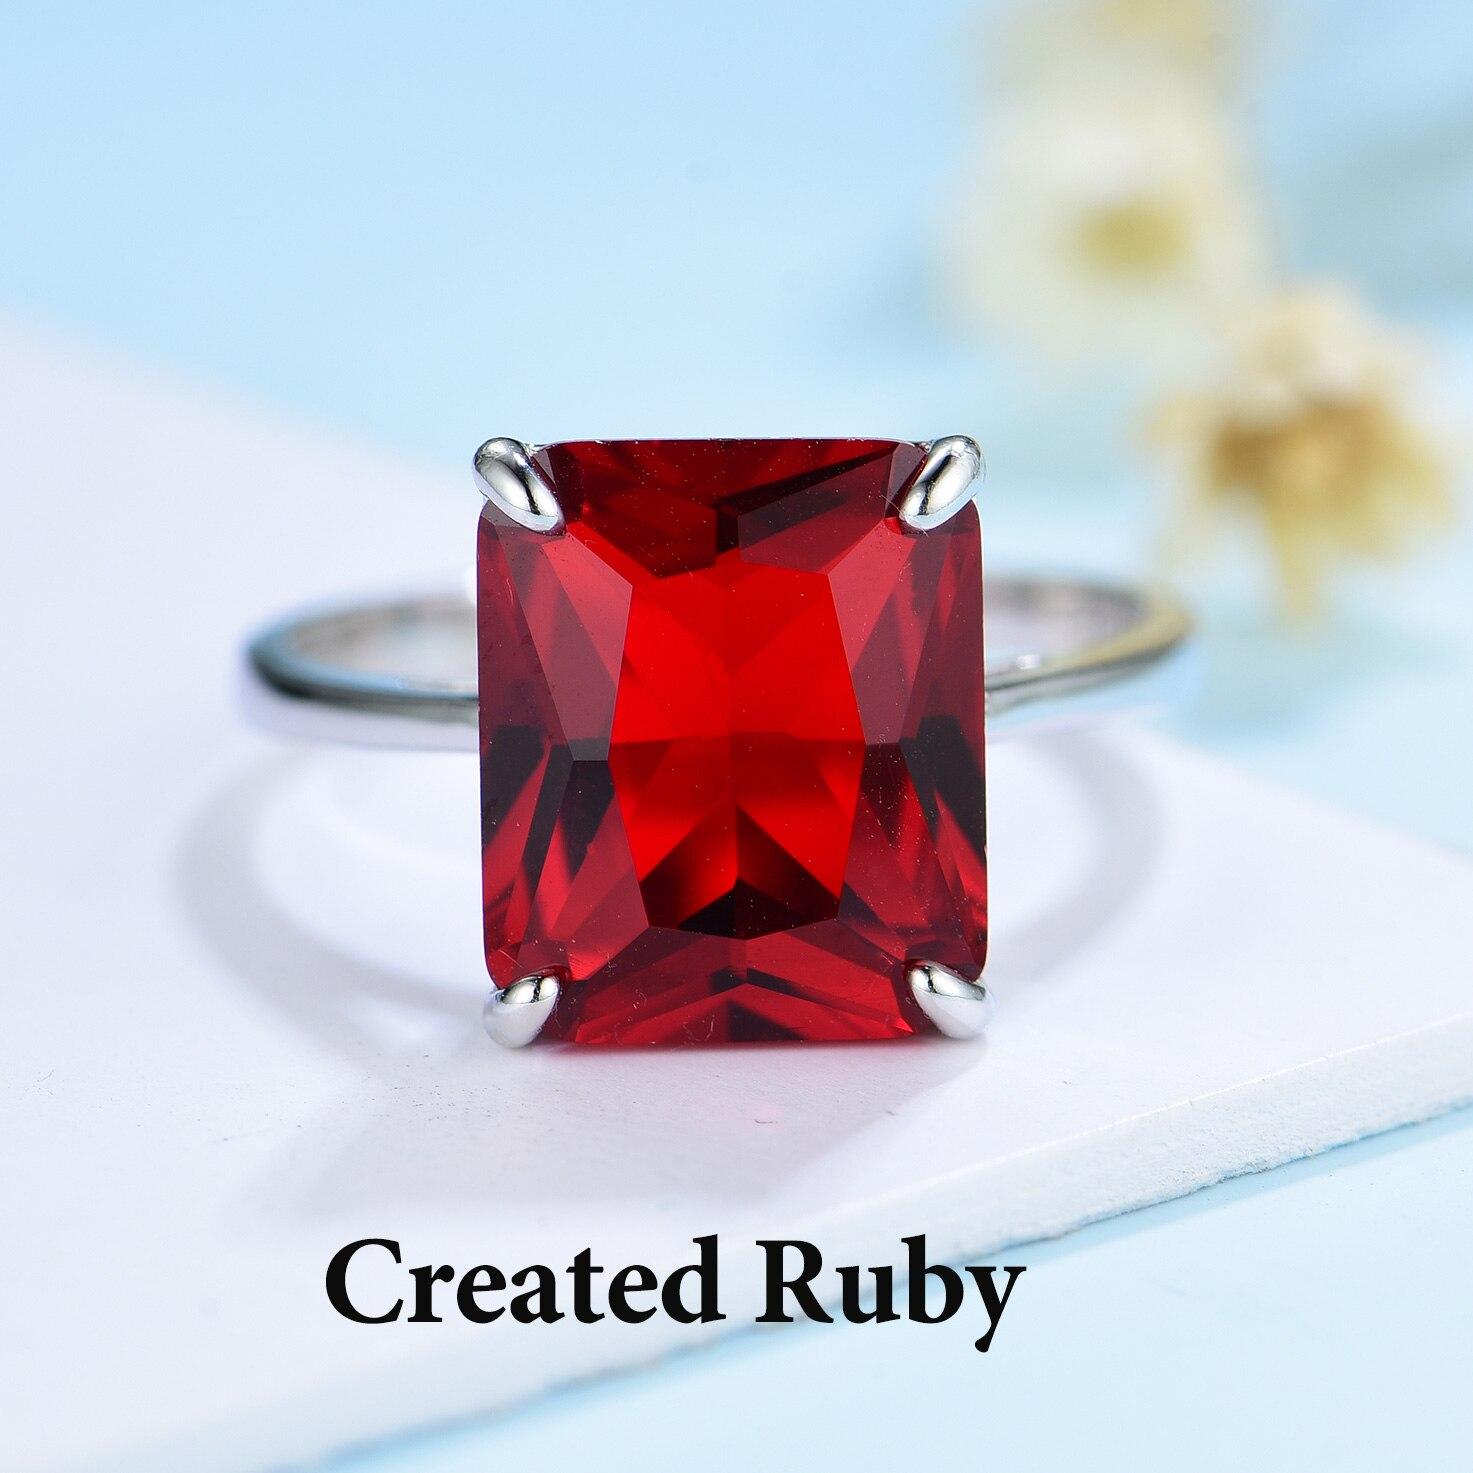 Nano ruby